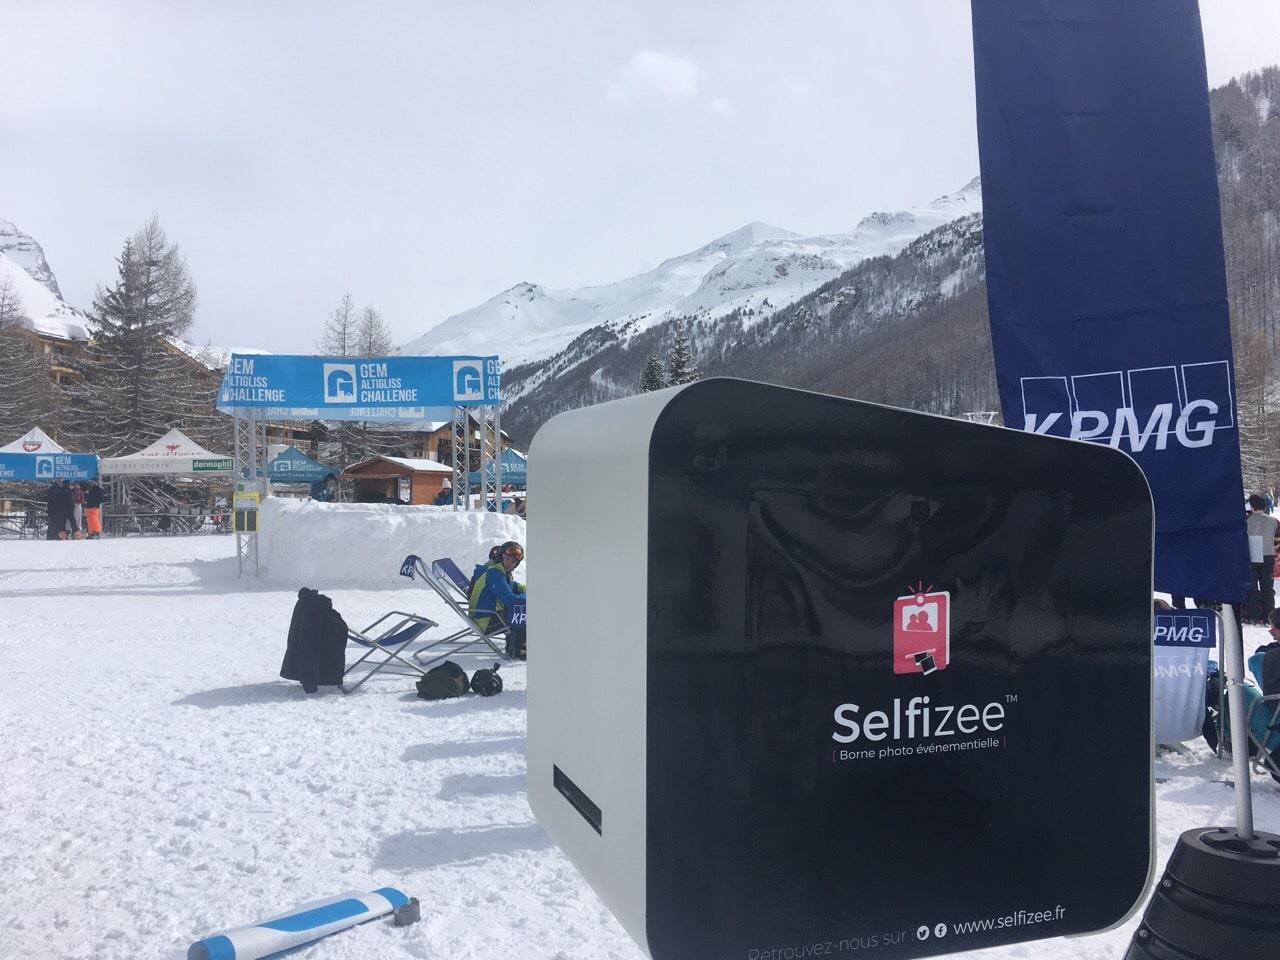 Animation photobooth connecté et photos personnalisées à la 19ème édition de la coupe du monde étudiante de ski et snowboard GEM Altigliss Challenge au Val d'Isère